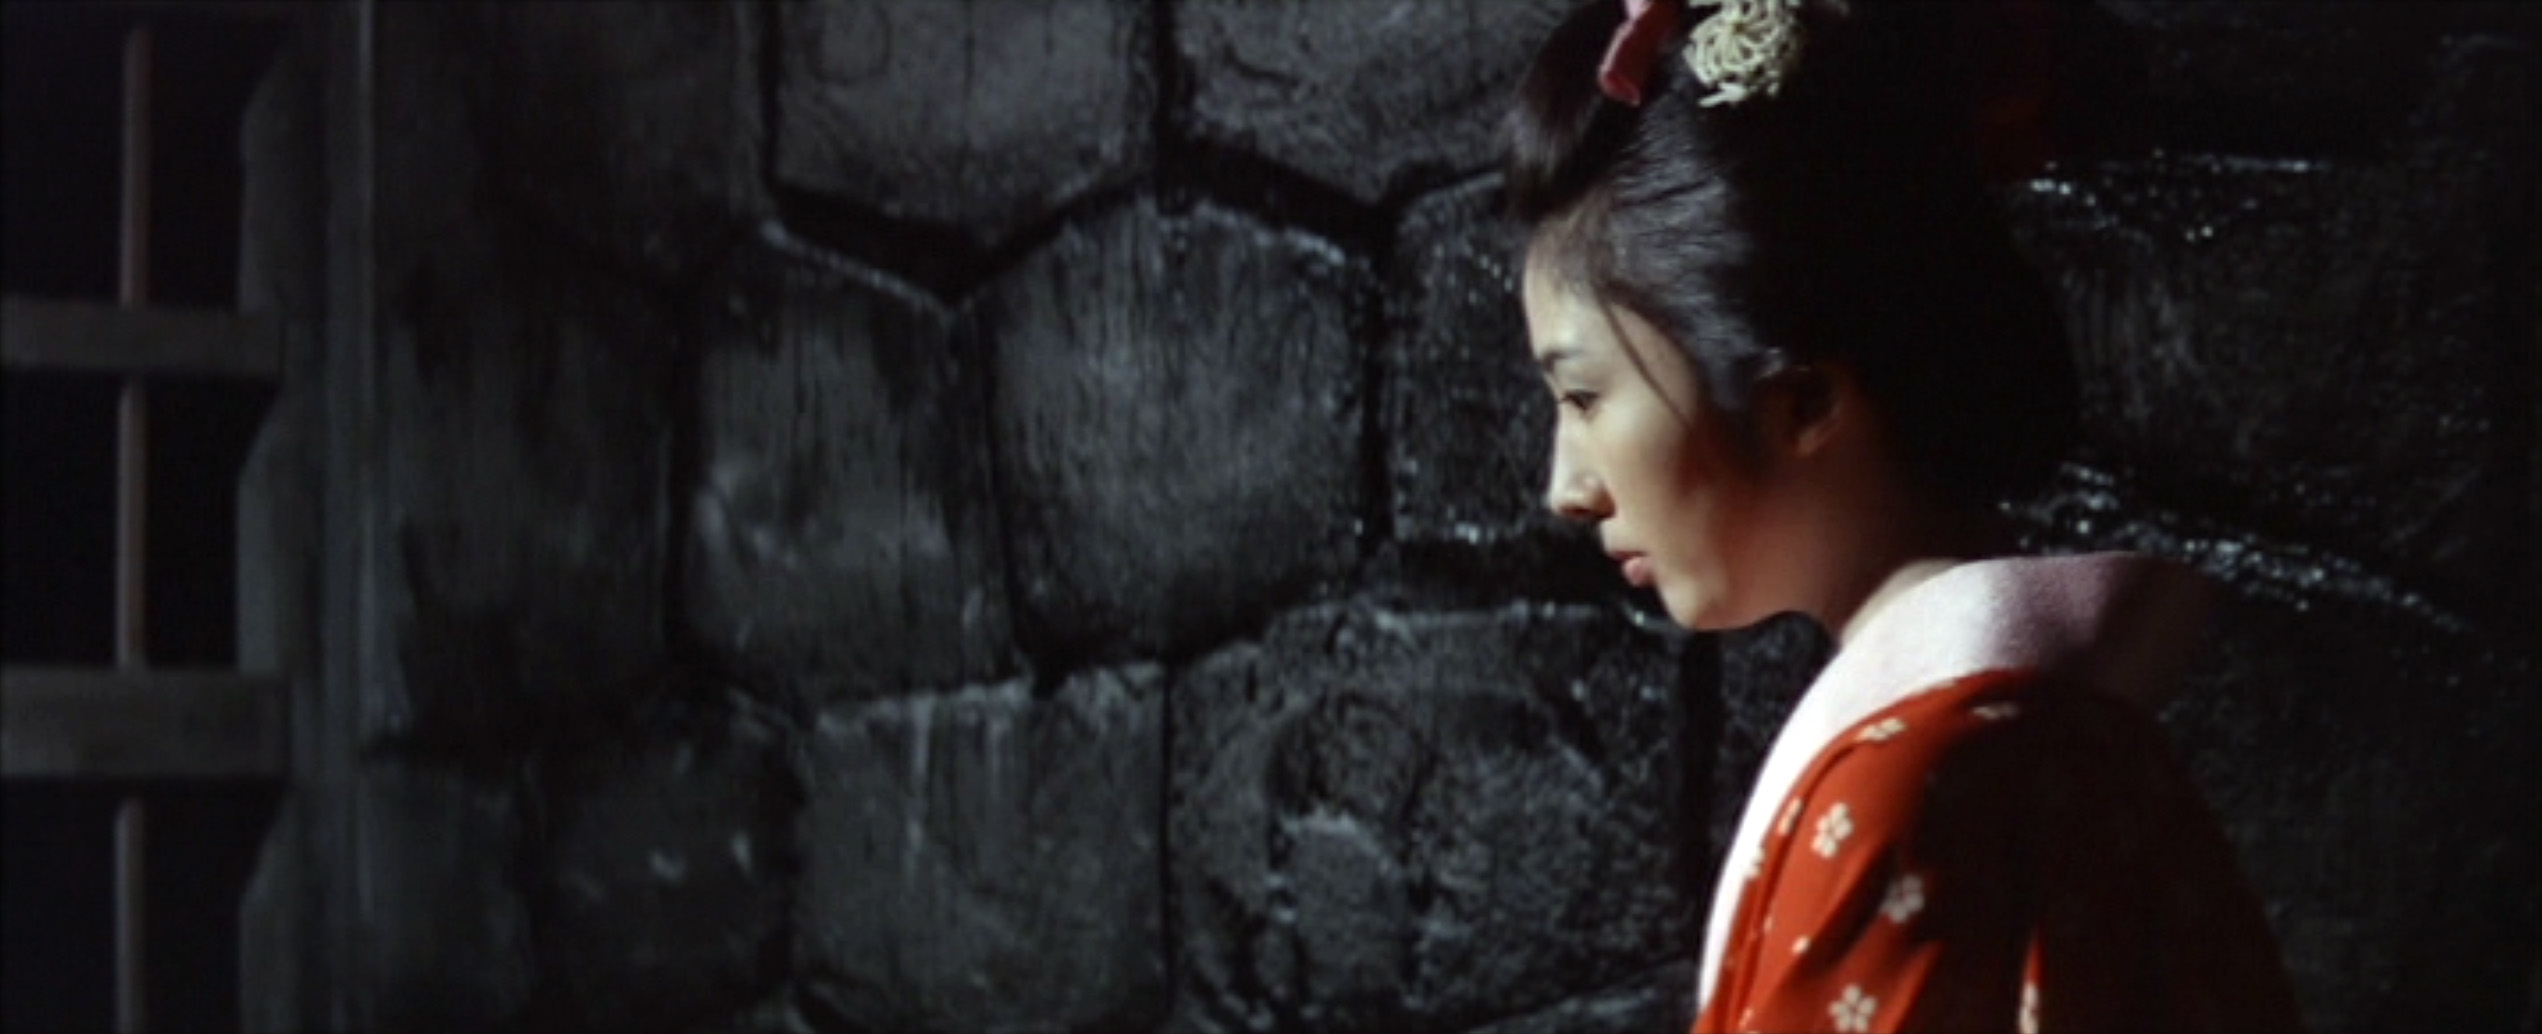 Watch Shiho Fujimura video